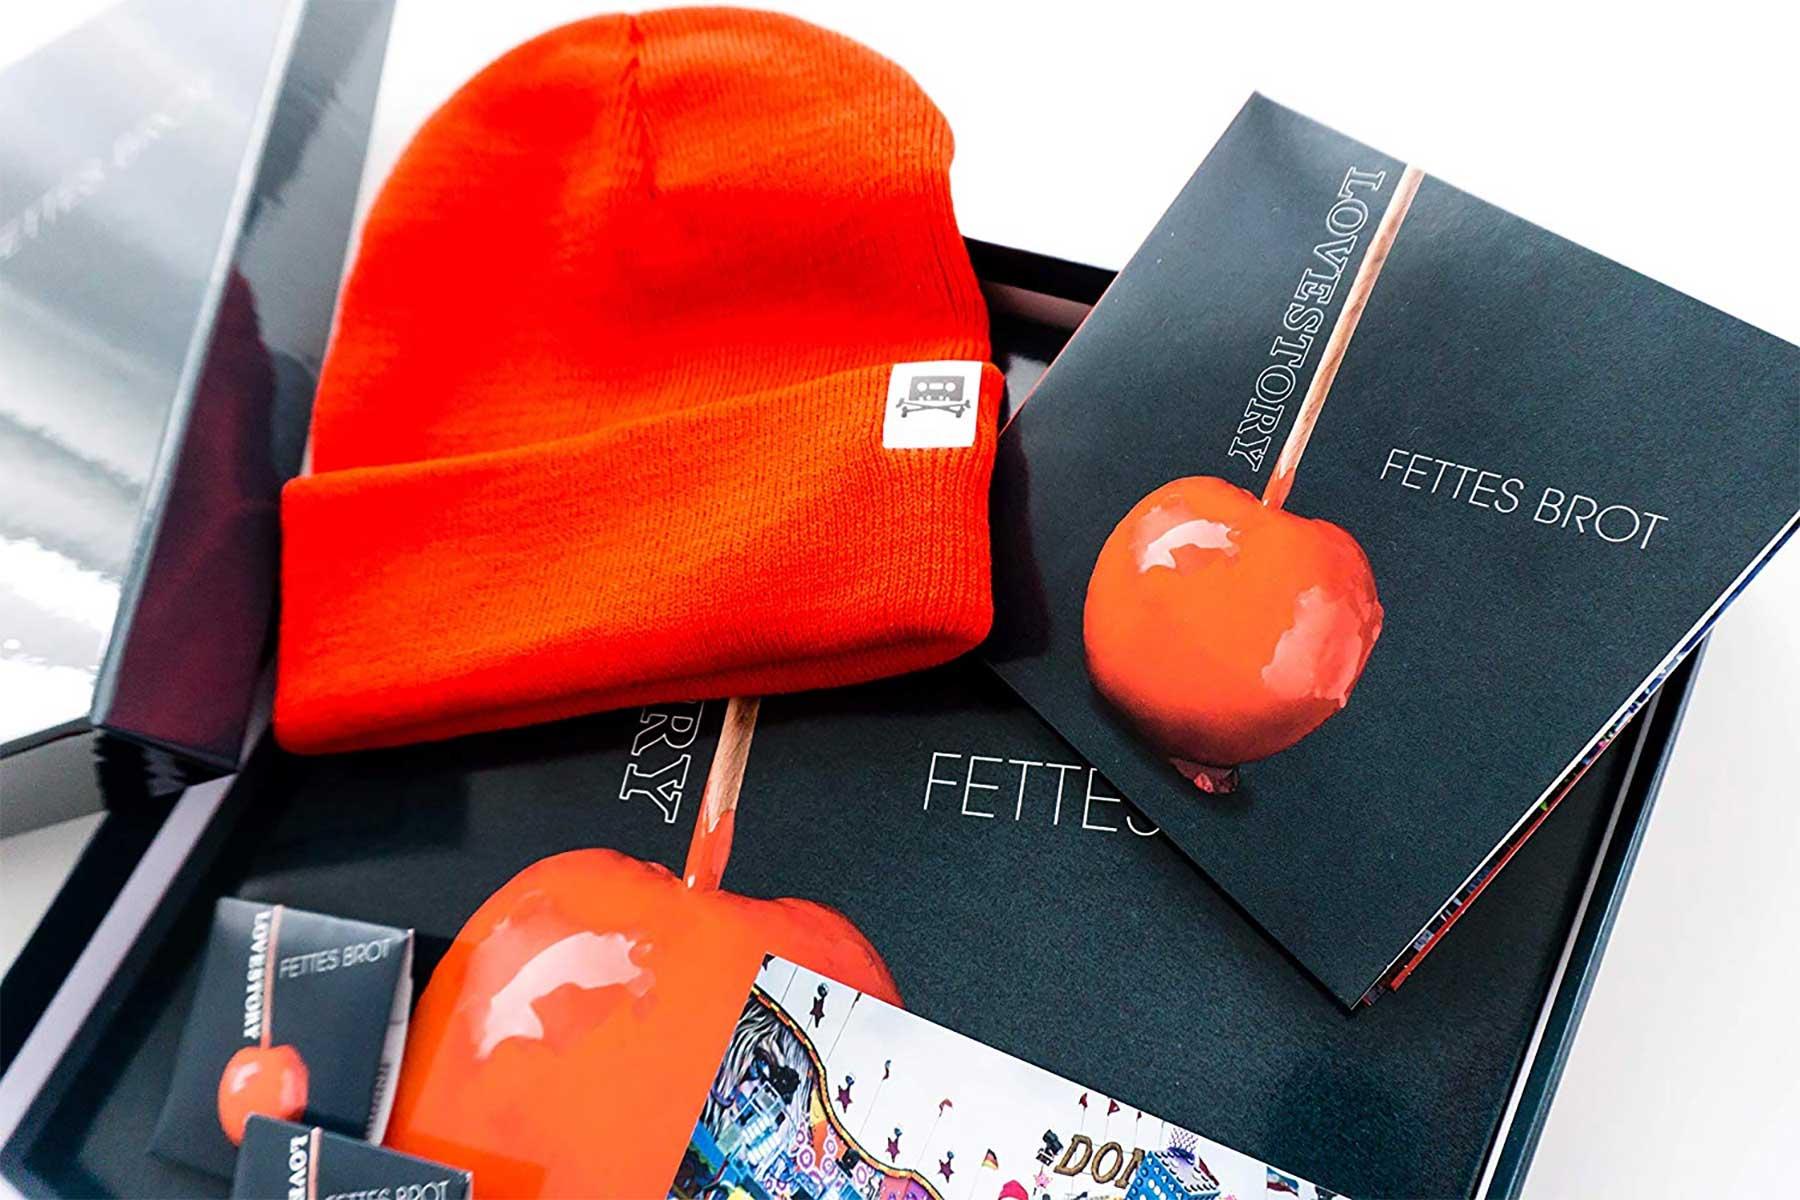 """Gewinnspiel: Fettes Brot """"Lovestory"""" (Limited Deluxe Box Set mit Doppel-Vinyl + CD) Fettes-Brot-Lovestory-Limited-deluxe-set-vinyl_02"""